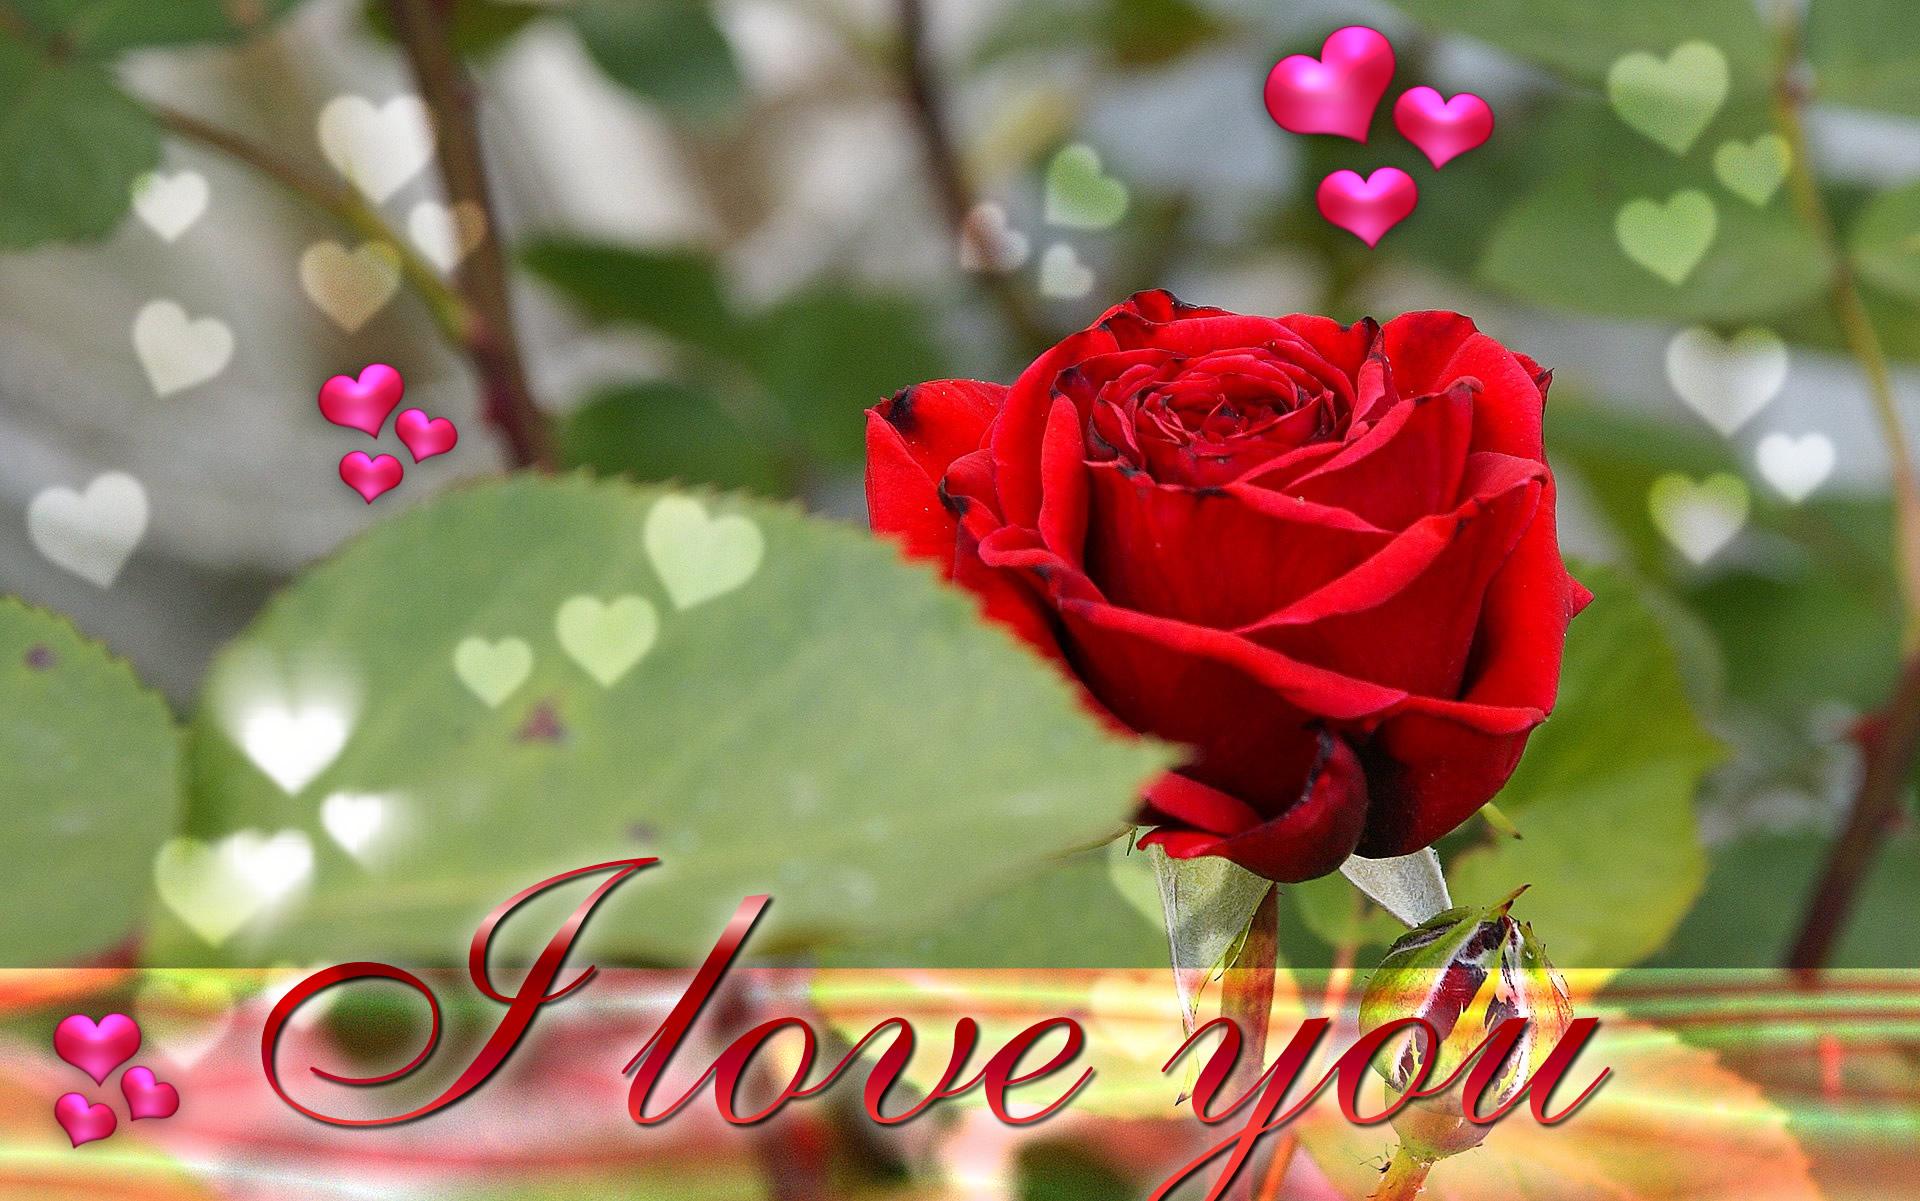 i love you wallpaper,garden roses,flower,red,rose,petal